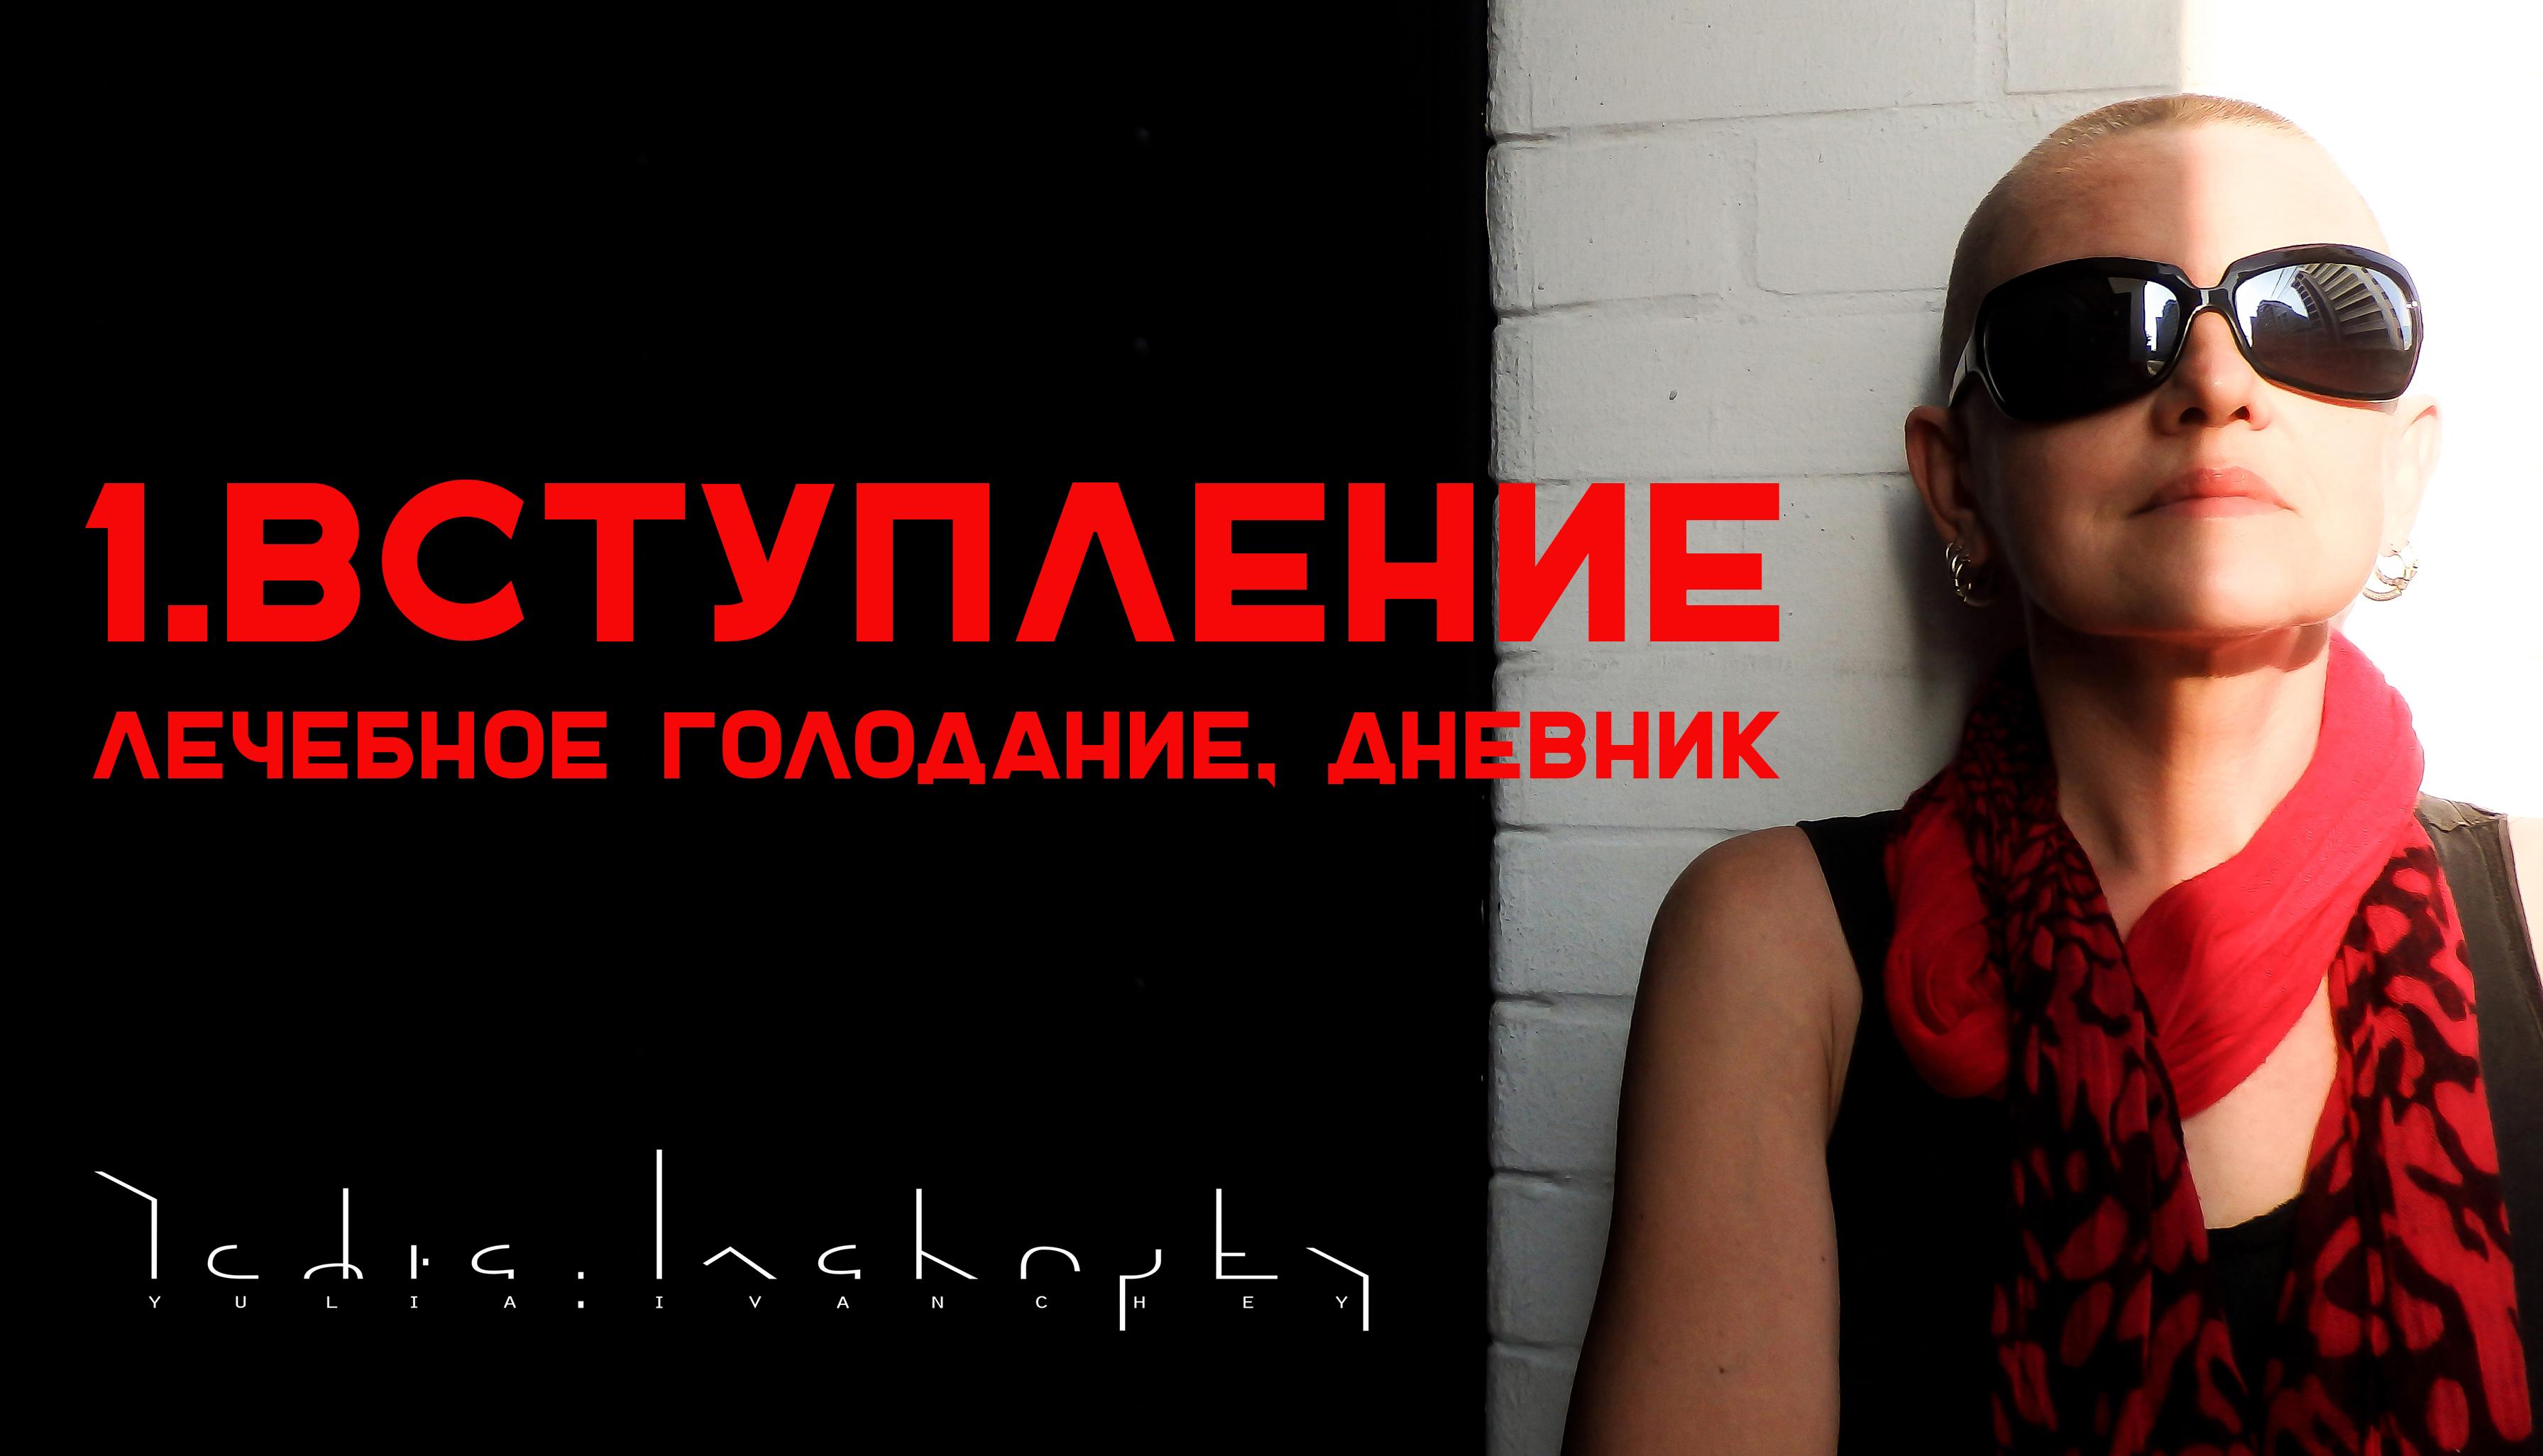 Yul Ivanchey | Блог | Правильное питание